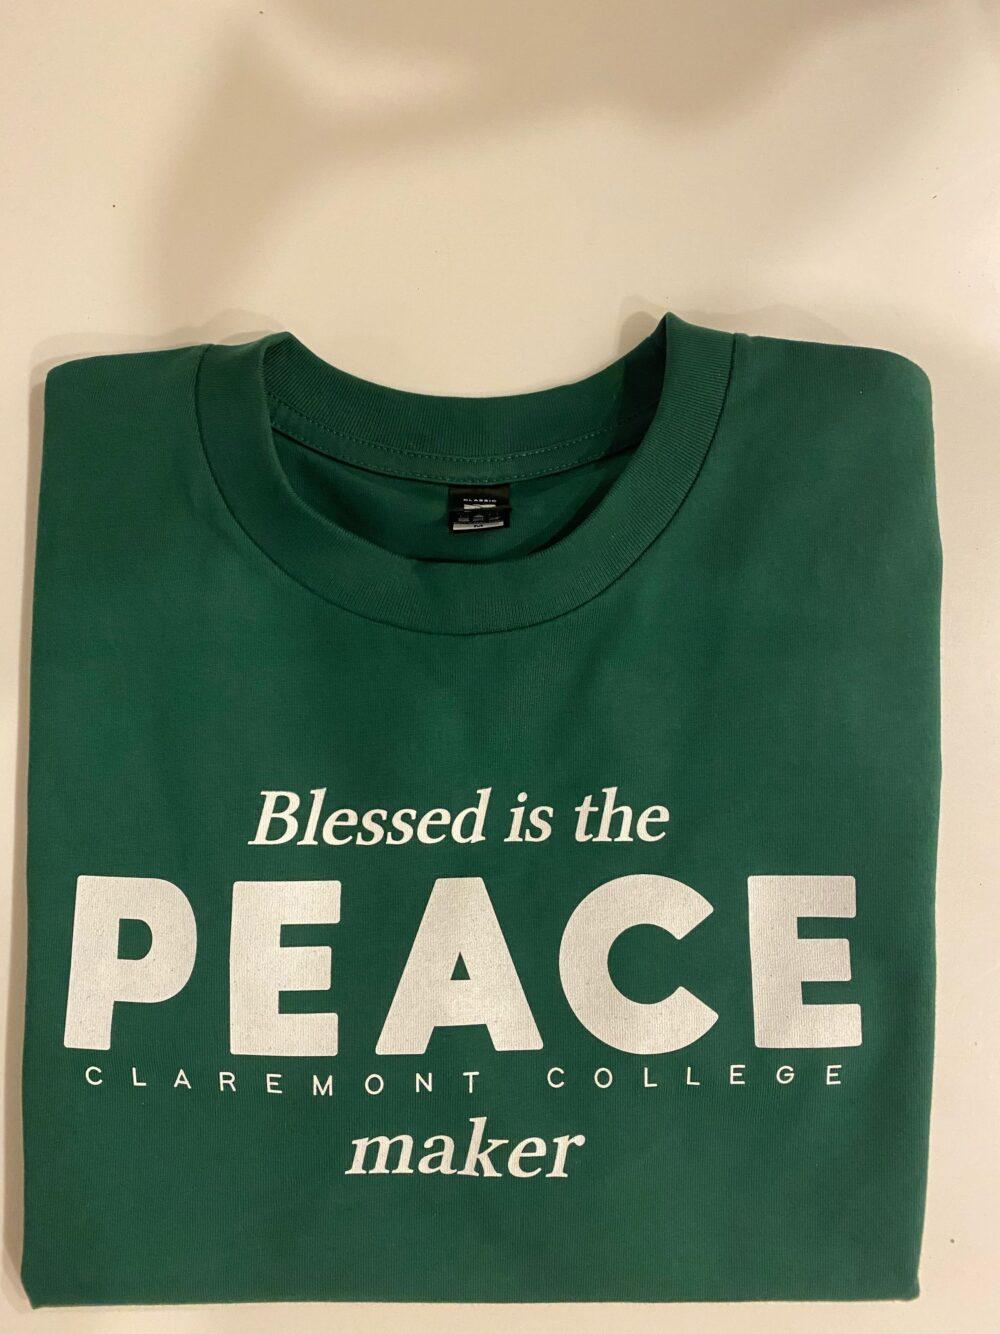 Peace-t_shirt.jpg?mtime=20201015115328#asset:20930:midWidth